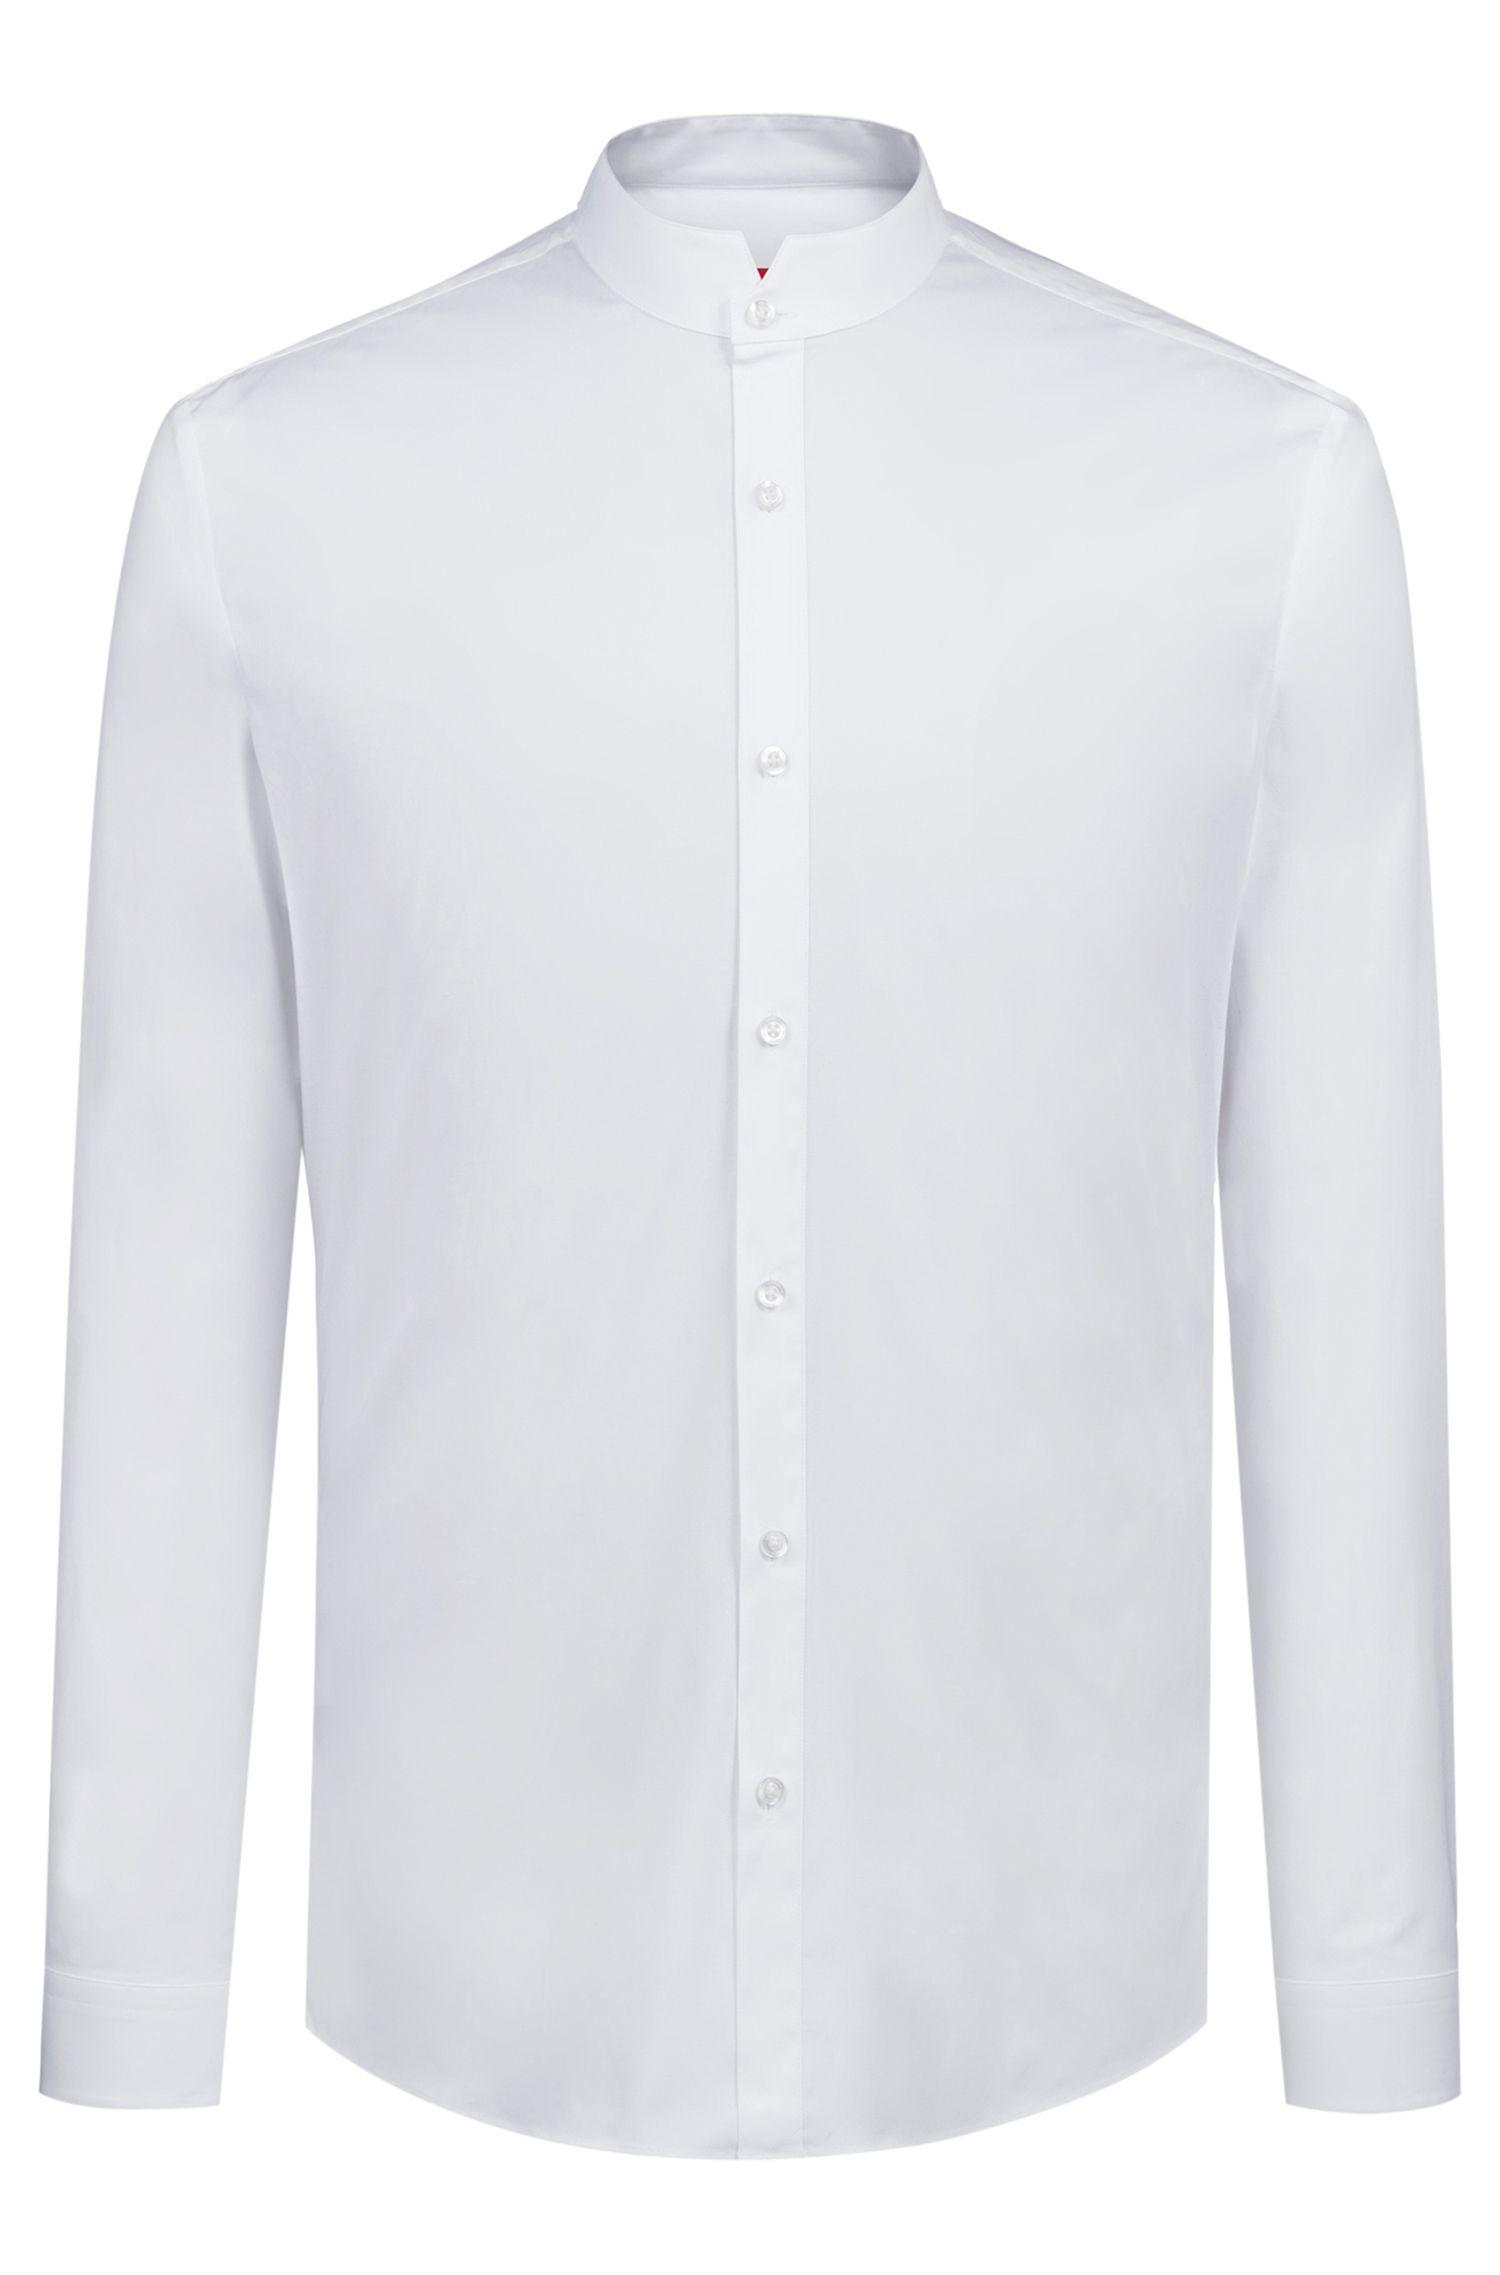 Camicia extra slim fit in cotone elasticizzato con colletto rialzato, Bianco